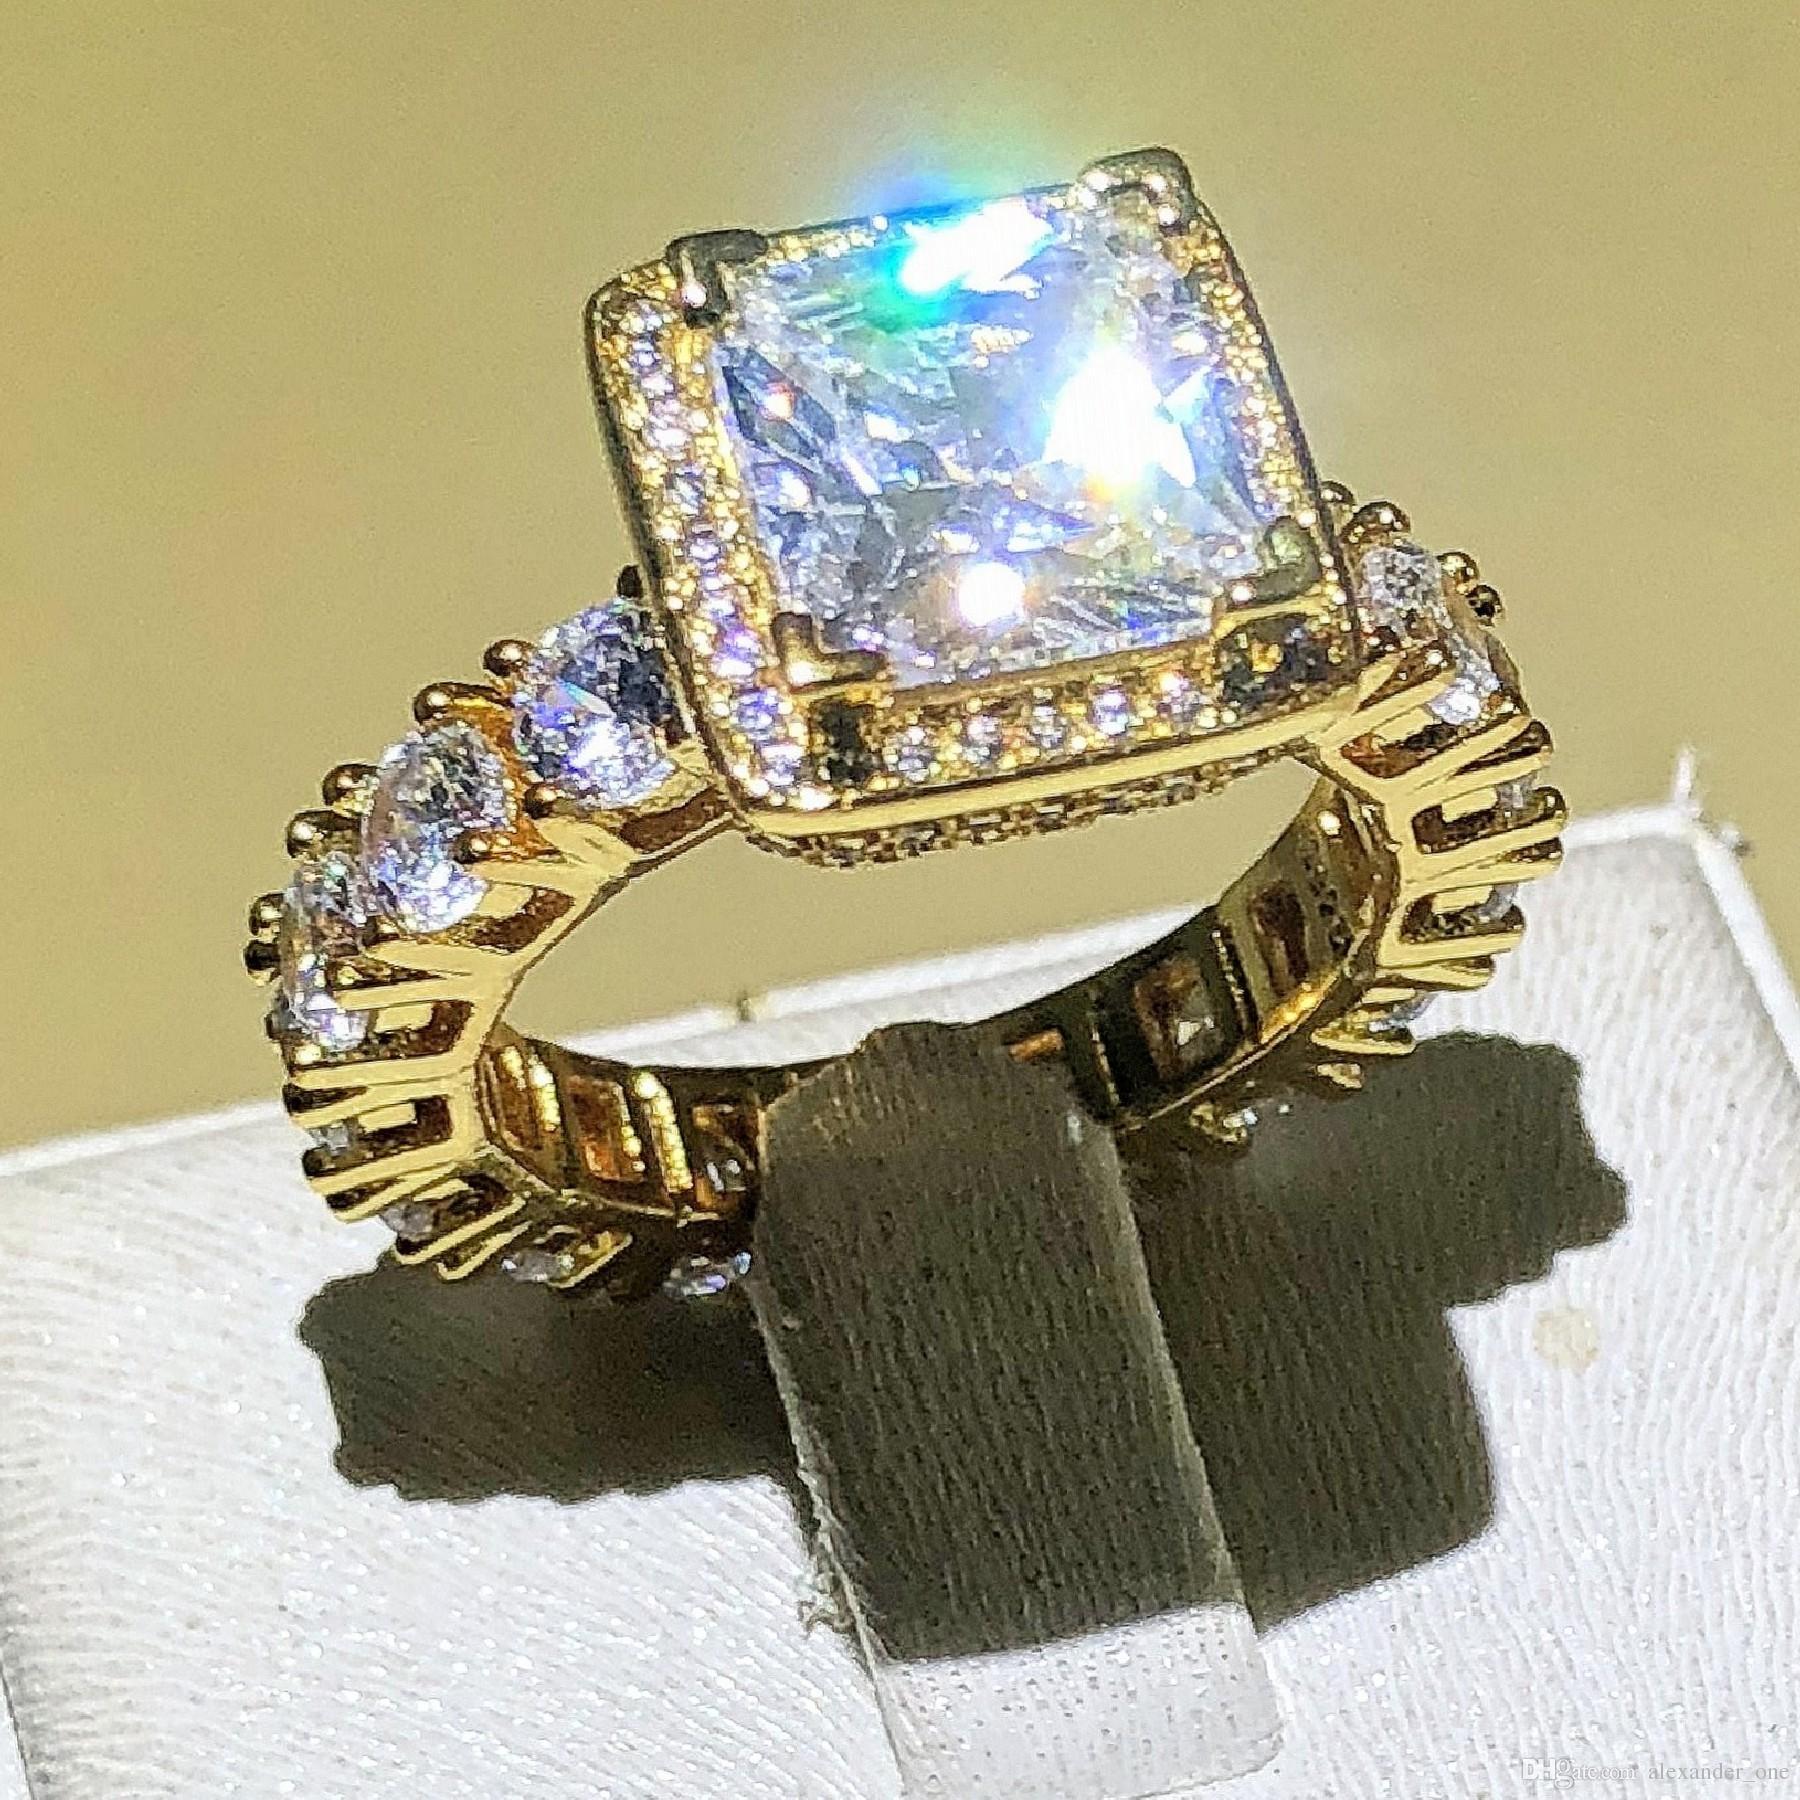 994ddd22b315 Compre Real Sólido 925 Anillos De Bodas De Plata Esterlina De Oro Joyas Para  Mujeres Cuadrados 3 Quilates Diamante Simulado CZ Anillos De Compromiso ...